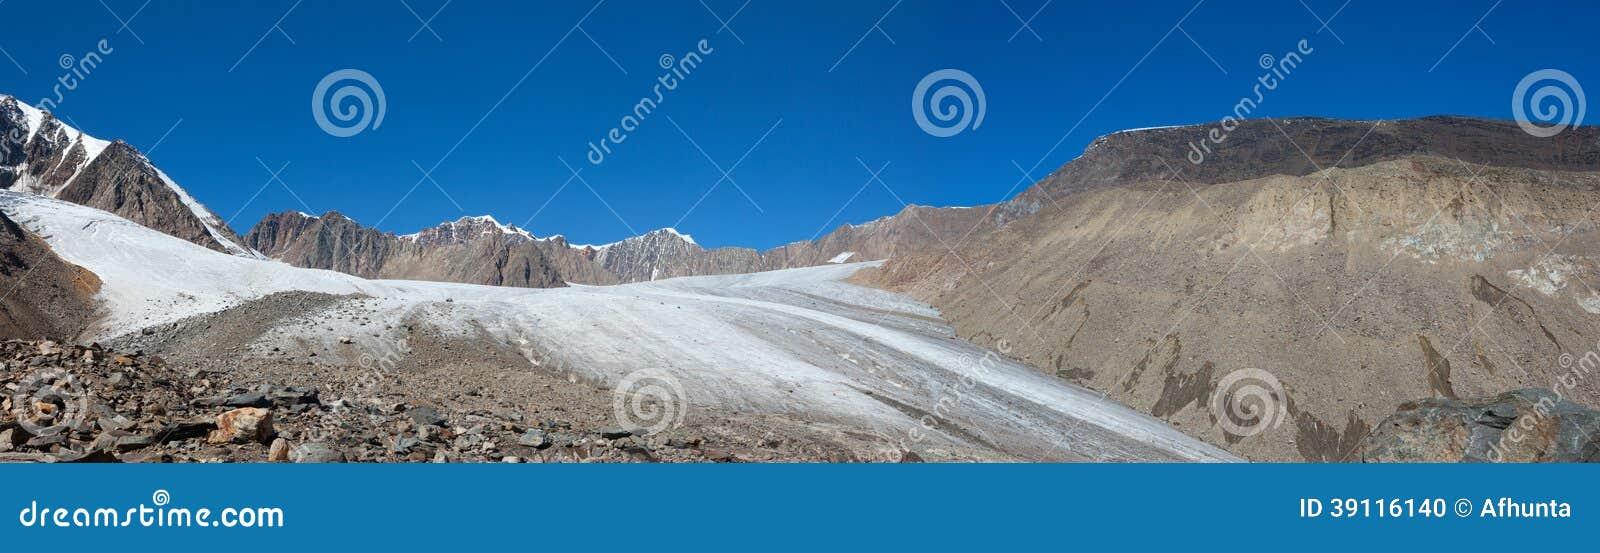 Blauwe hemel in de bergen